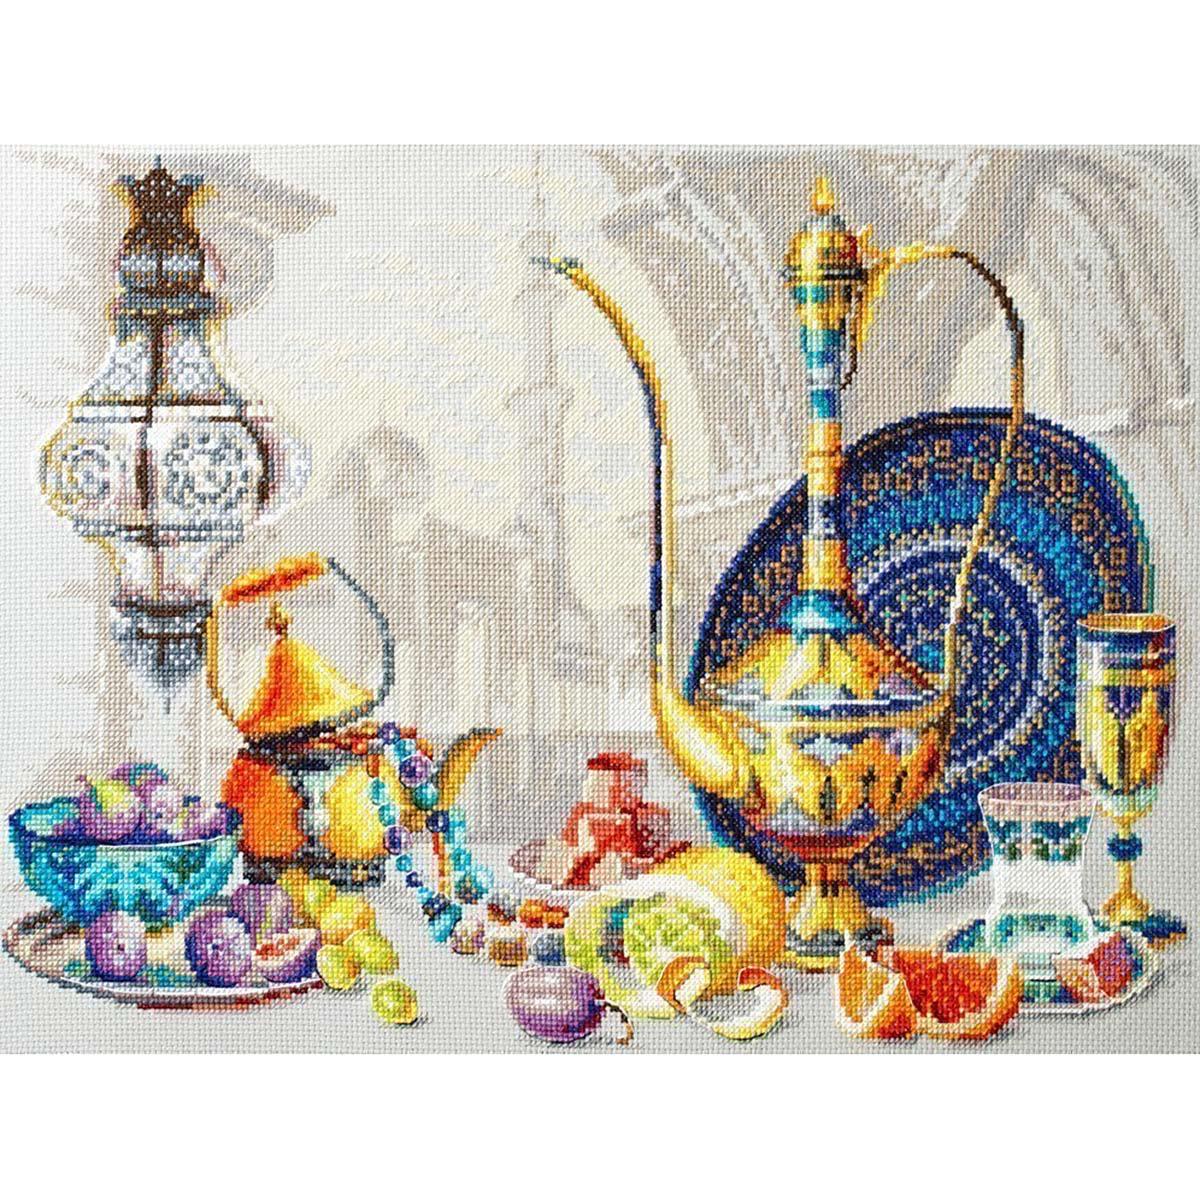 120-301 Набор для вышивания Чудесная игла 'Яркие краски Марокко' 40*30см